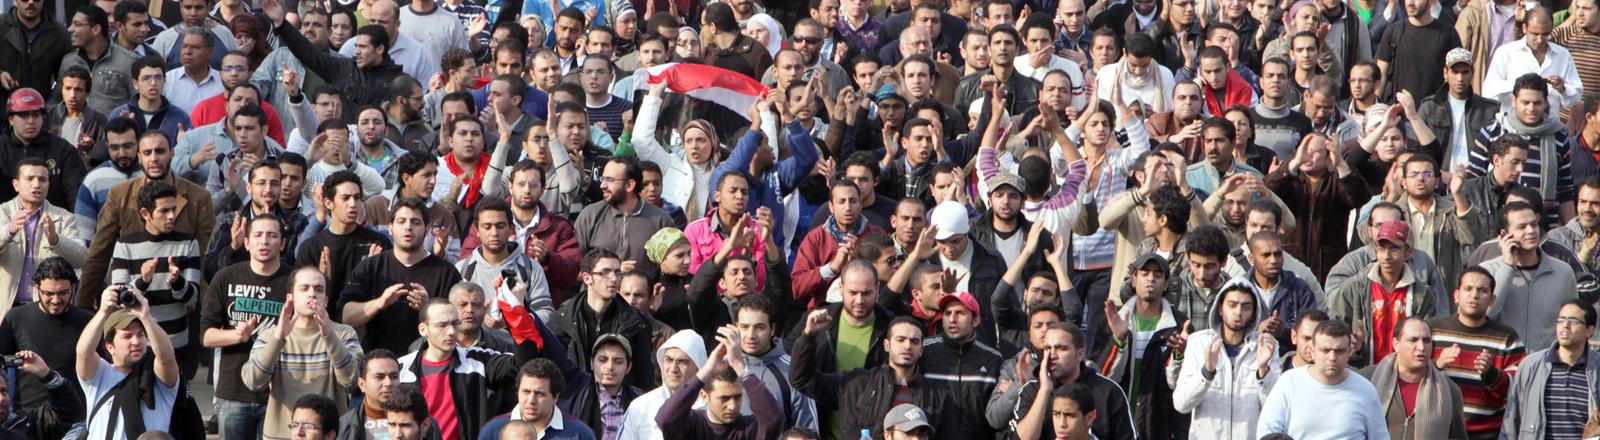 Proteste in Kairo am 25.01.2011